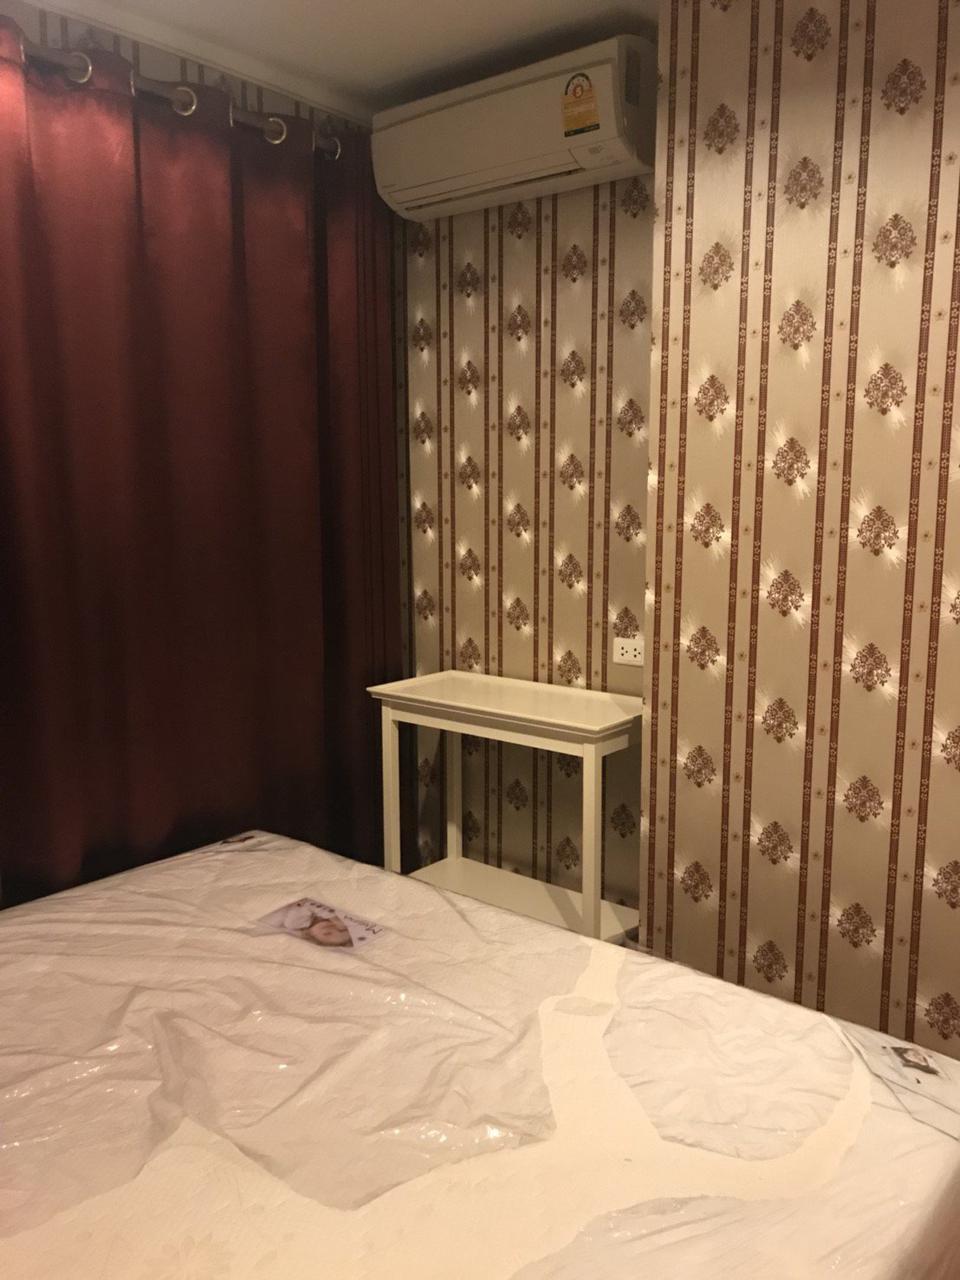 ให้เช่าคอนโดLPN 1ห้องนอน 29 ตรม.ชั้น32 ) LPN แจ้งวัฒนะปากเกร รูปที่ 2